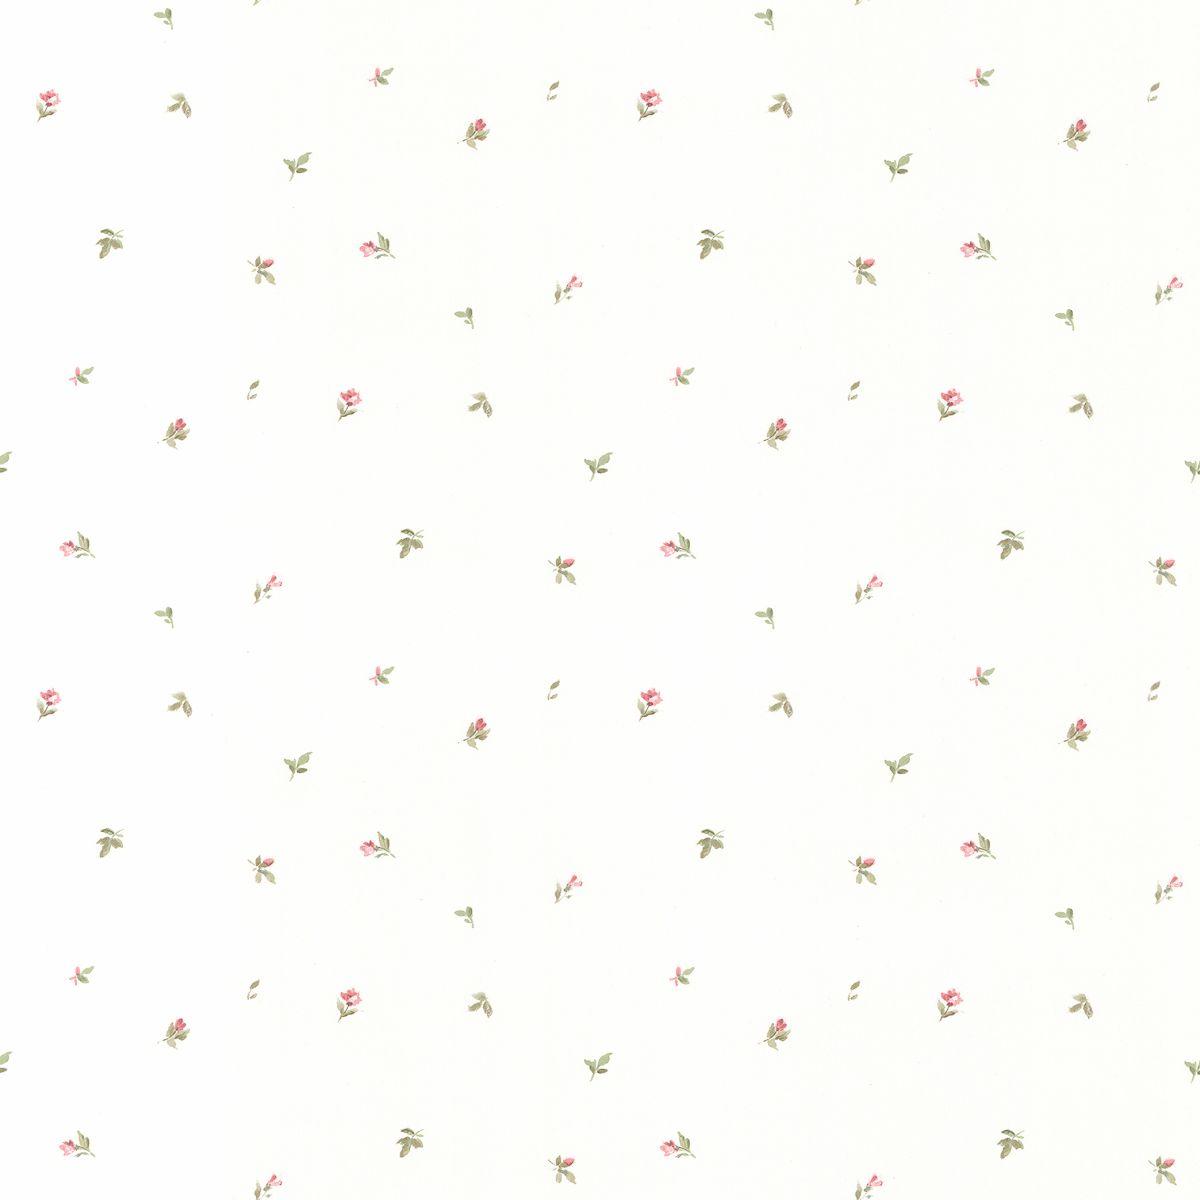 hochwertige tapeten und stoffe papier vinyl tapete mit kleinen bl ten pp27833 decowunder. Black Bedroom Furniture Sets. Home Design Ideas